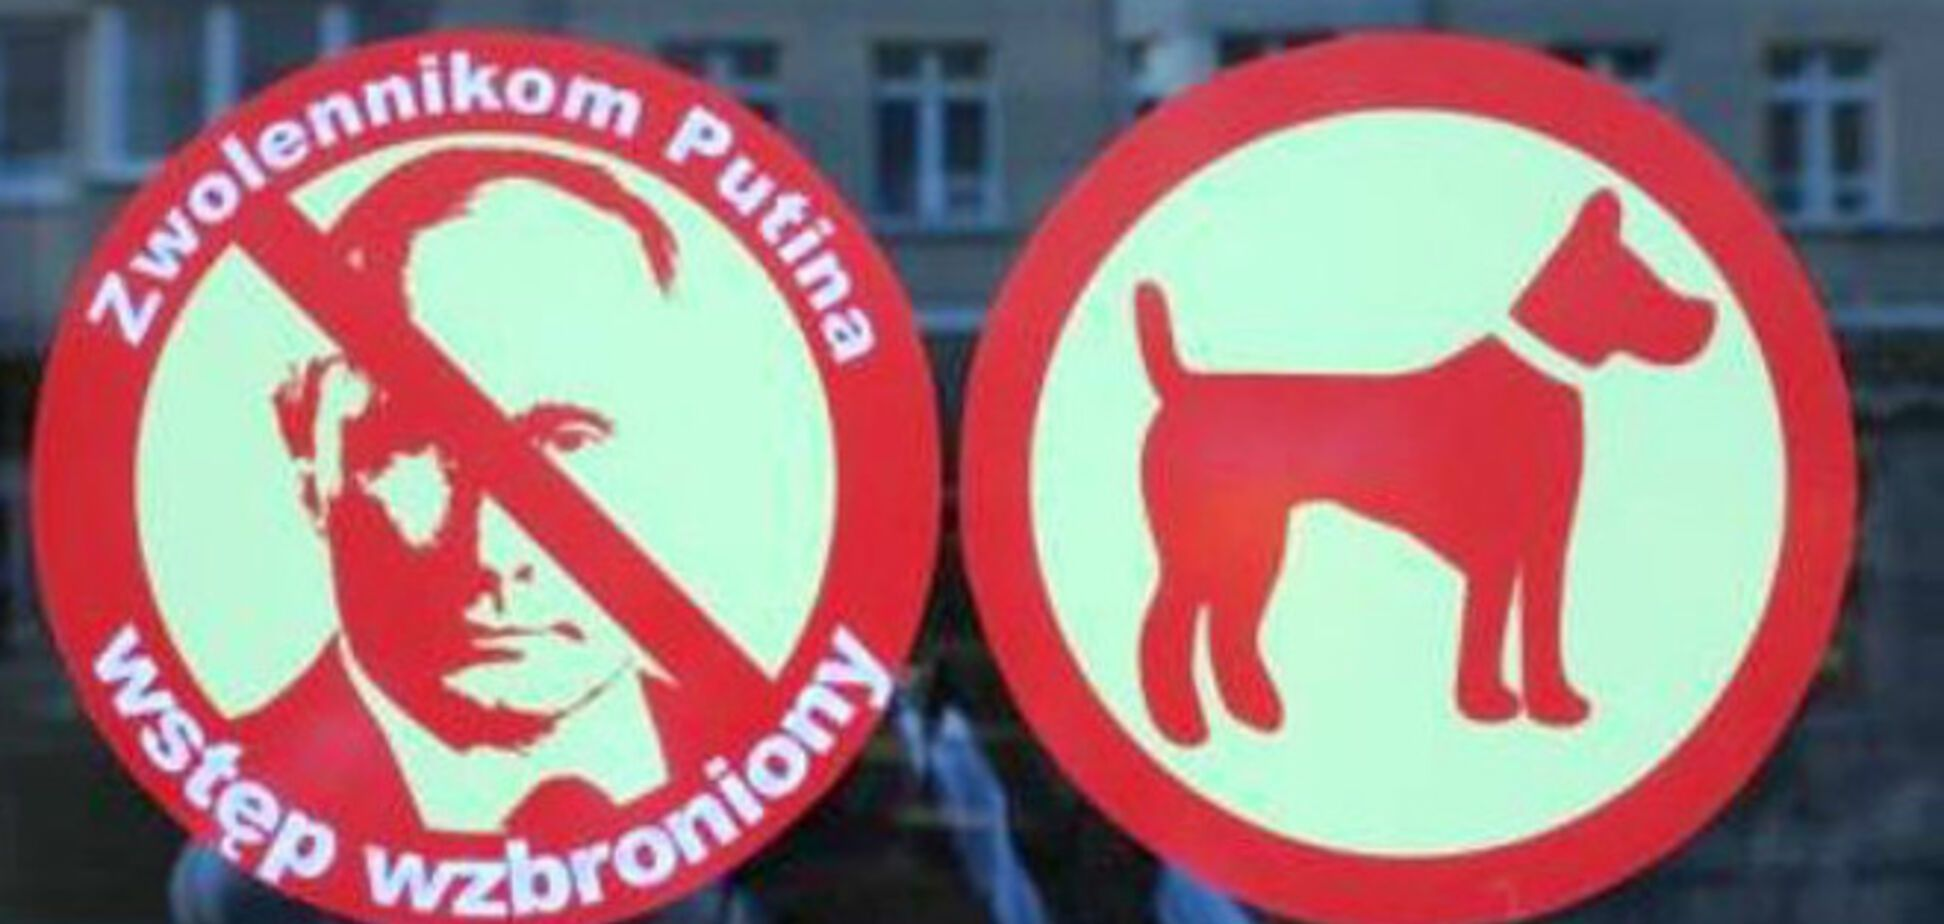 Собакам и сторонникам Путина запрещено: польский ресторатор ограничил вход в заведение